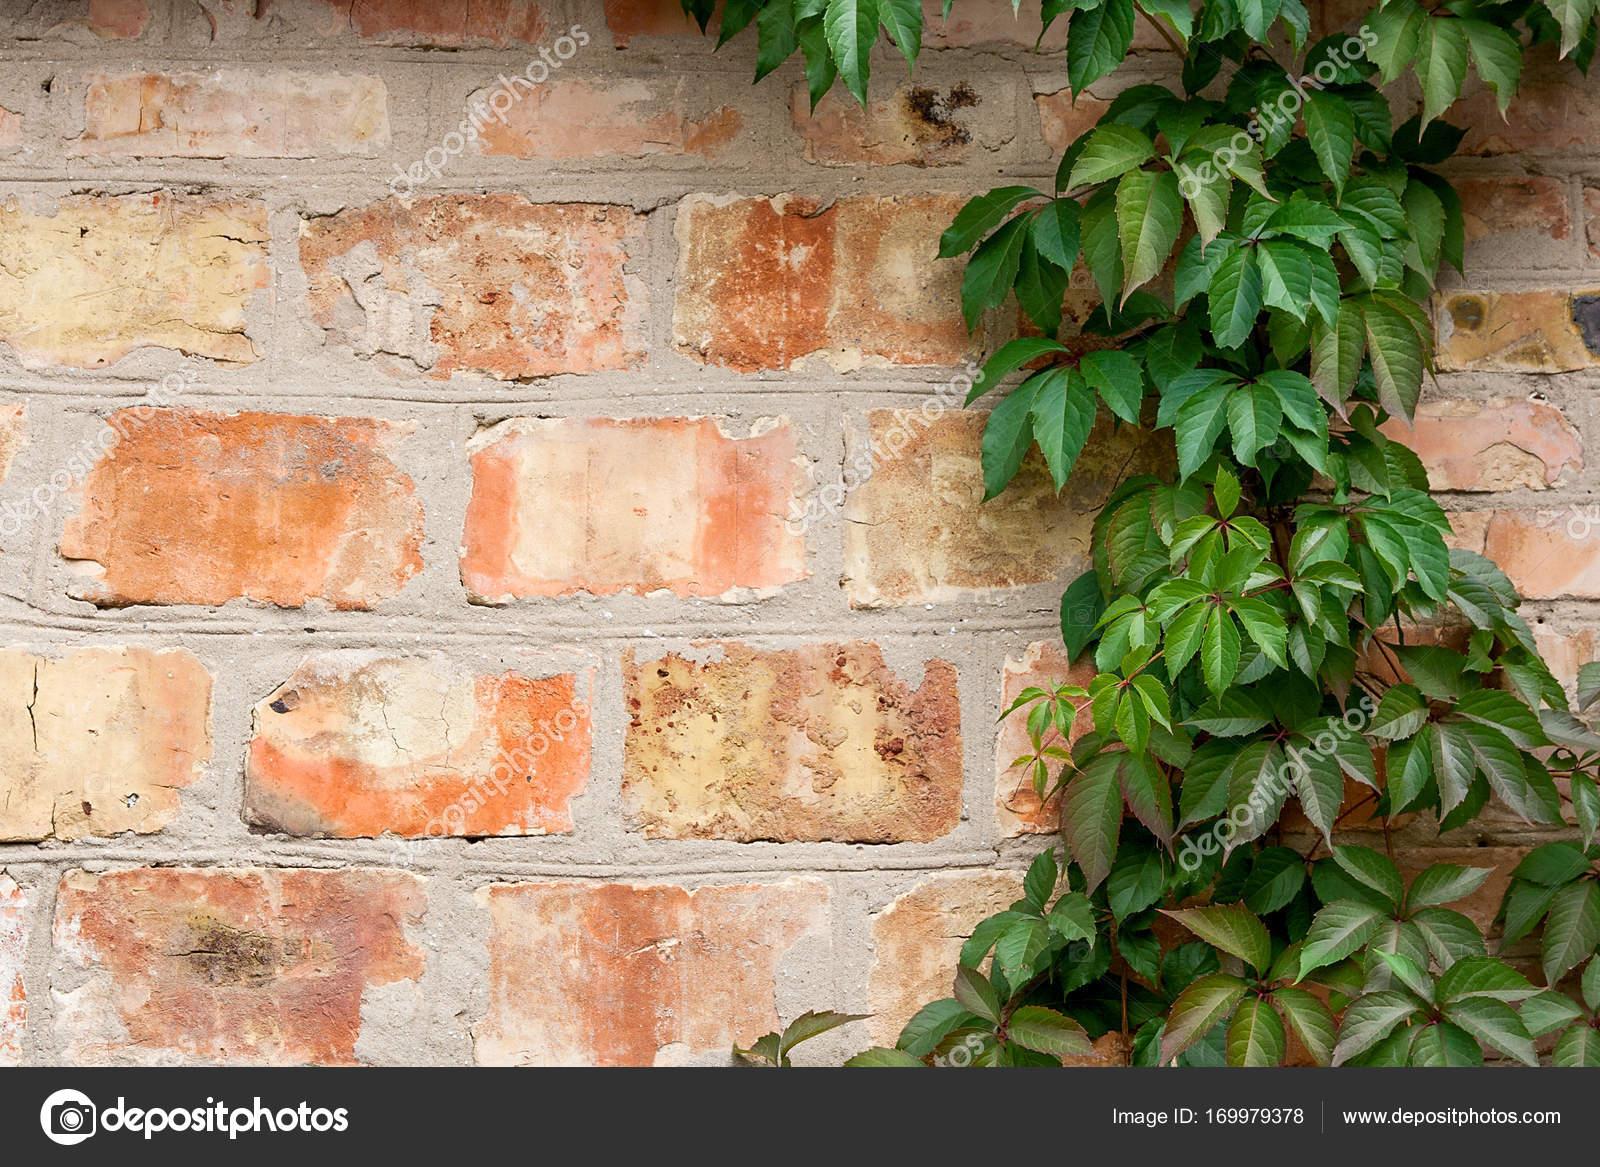 Bakstenen Muur Tuin : Tuin wilde druiven met herfst bladeren op een bakstenen muur